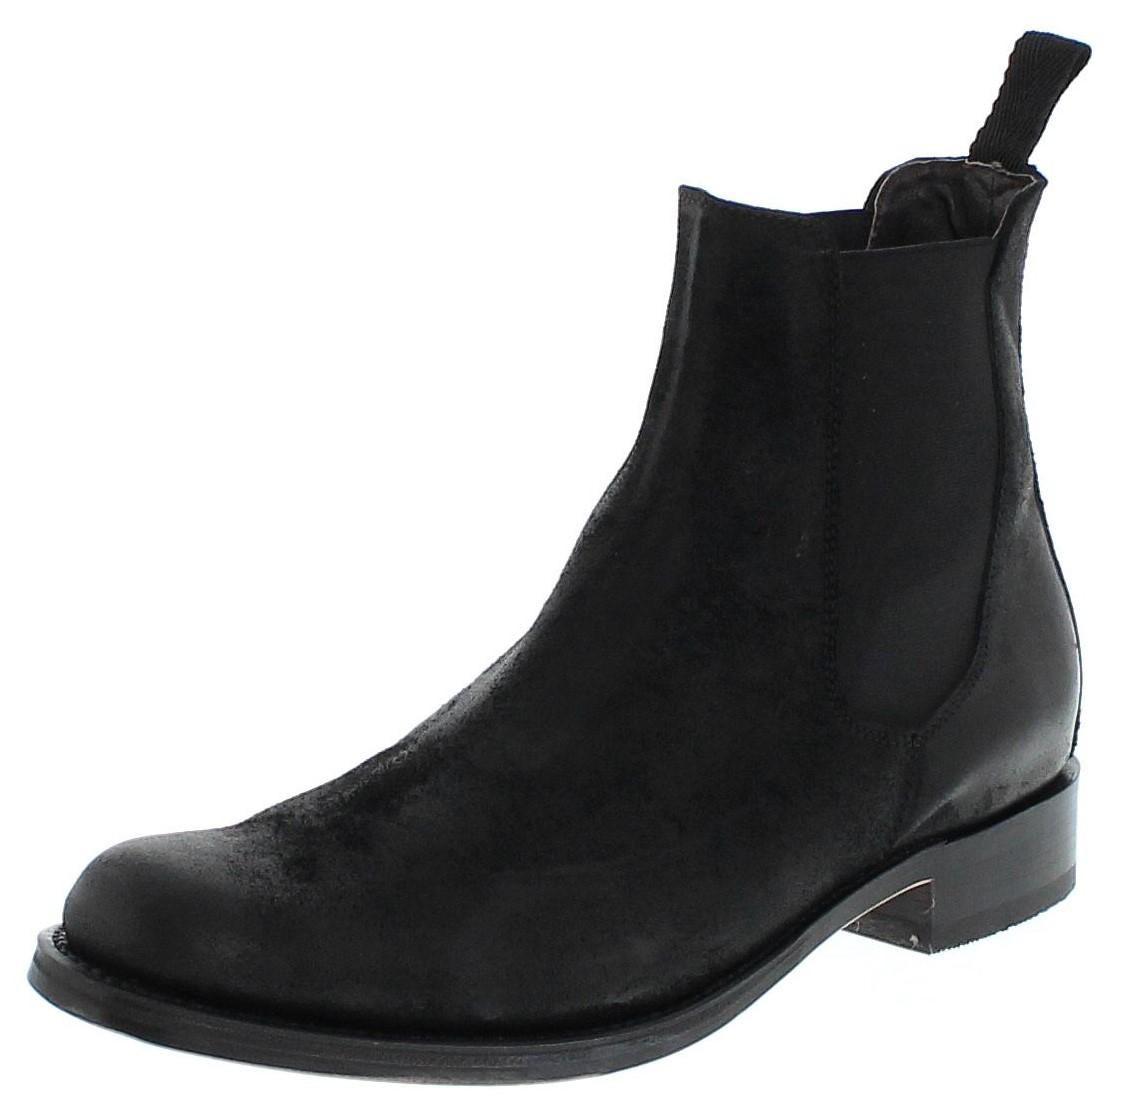 Sendra Boots 14015 Negro Chelsea Boot - schwarz